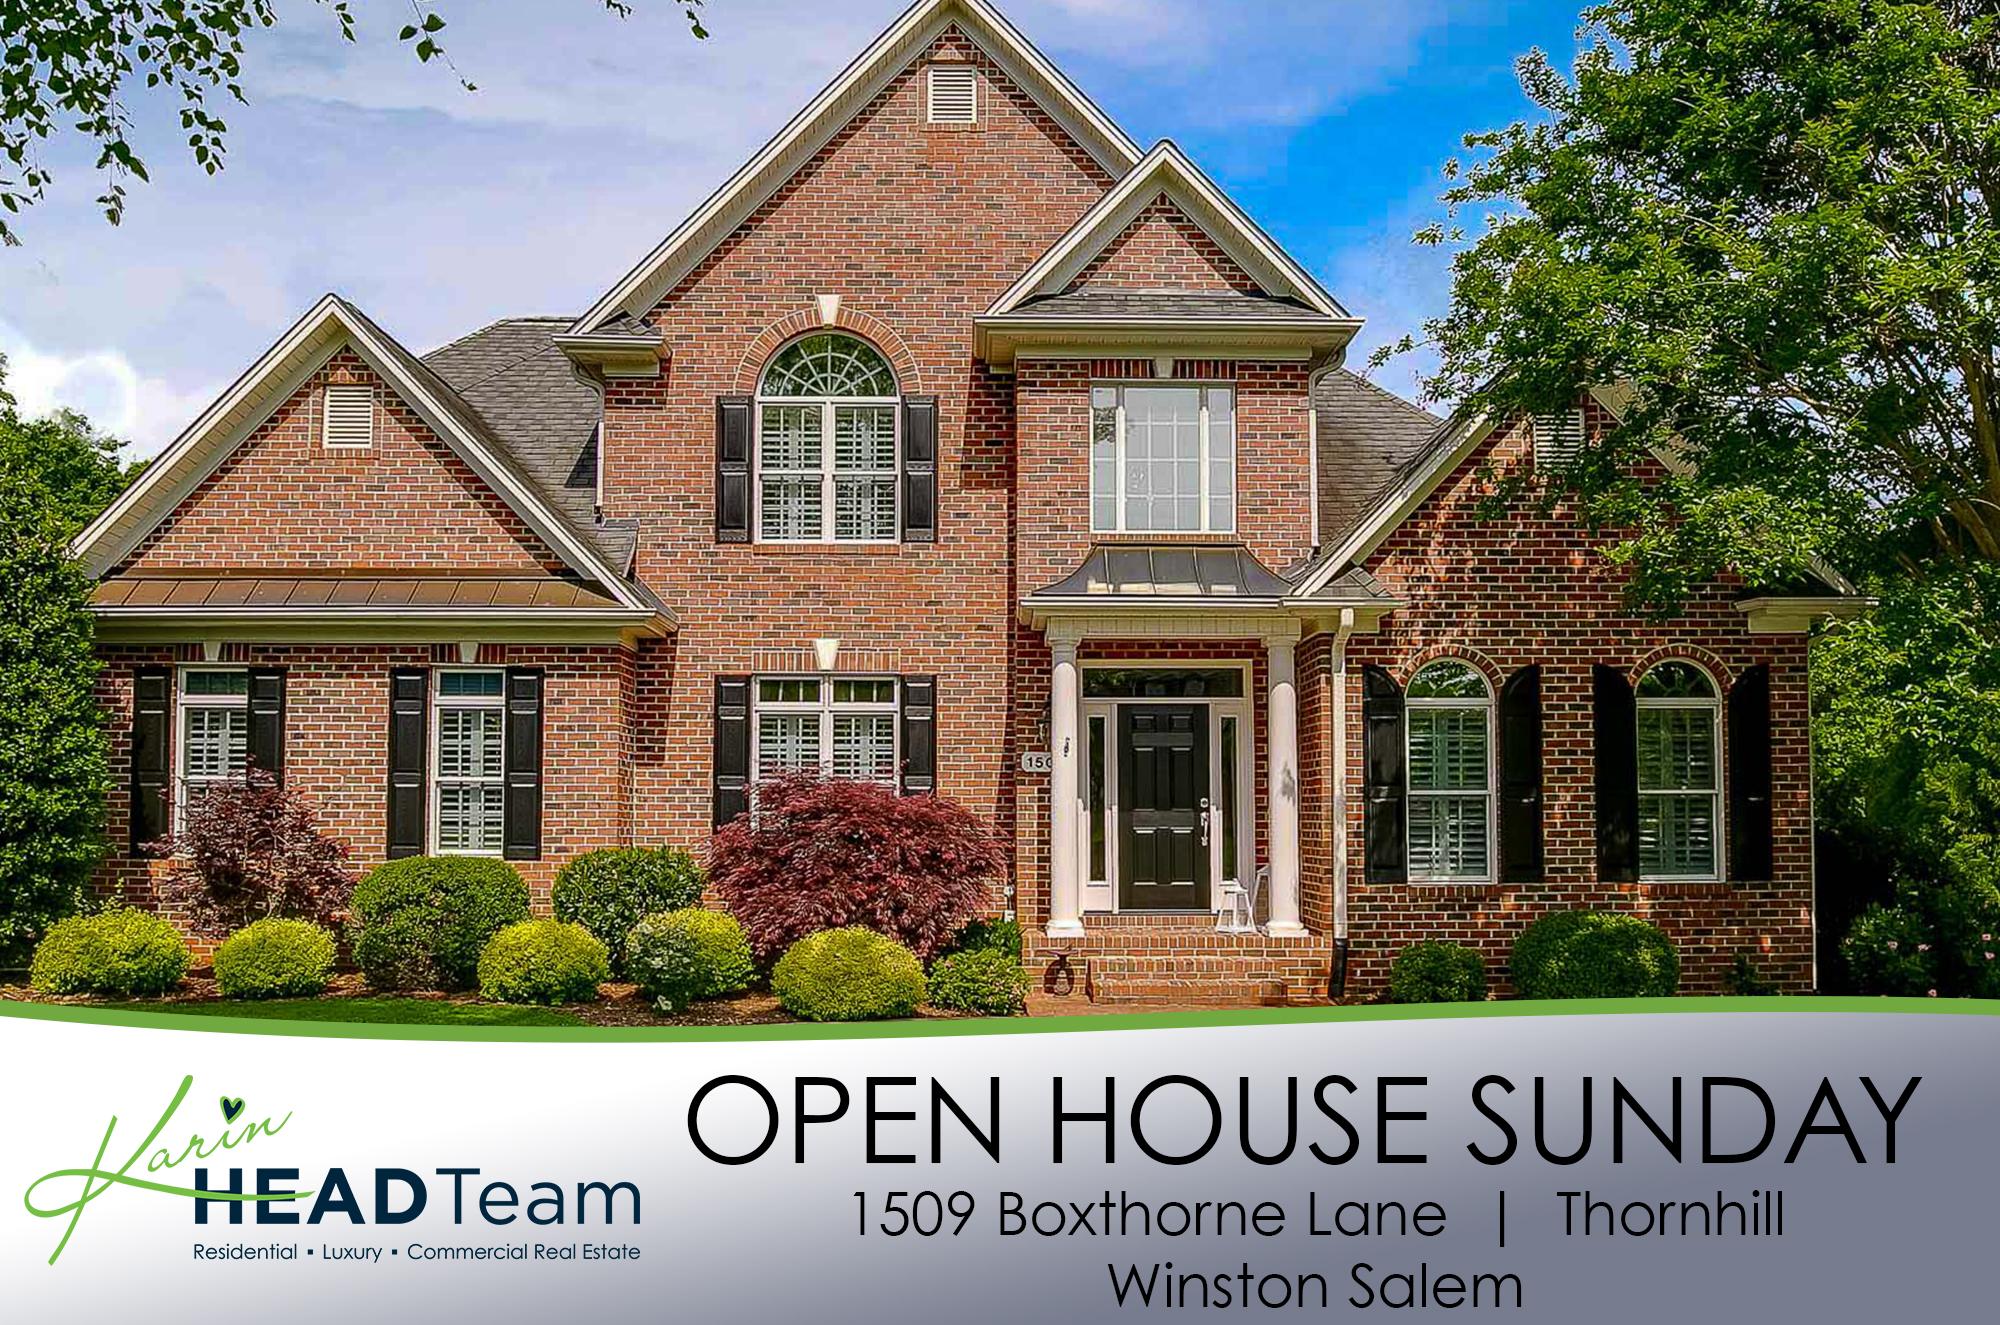 1509 Boxthorne_Open House.jpg